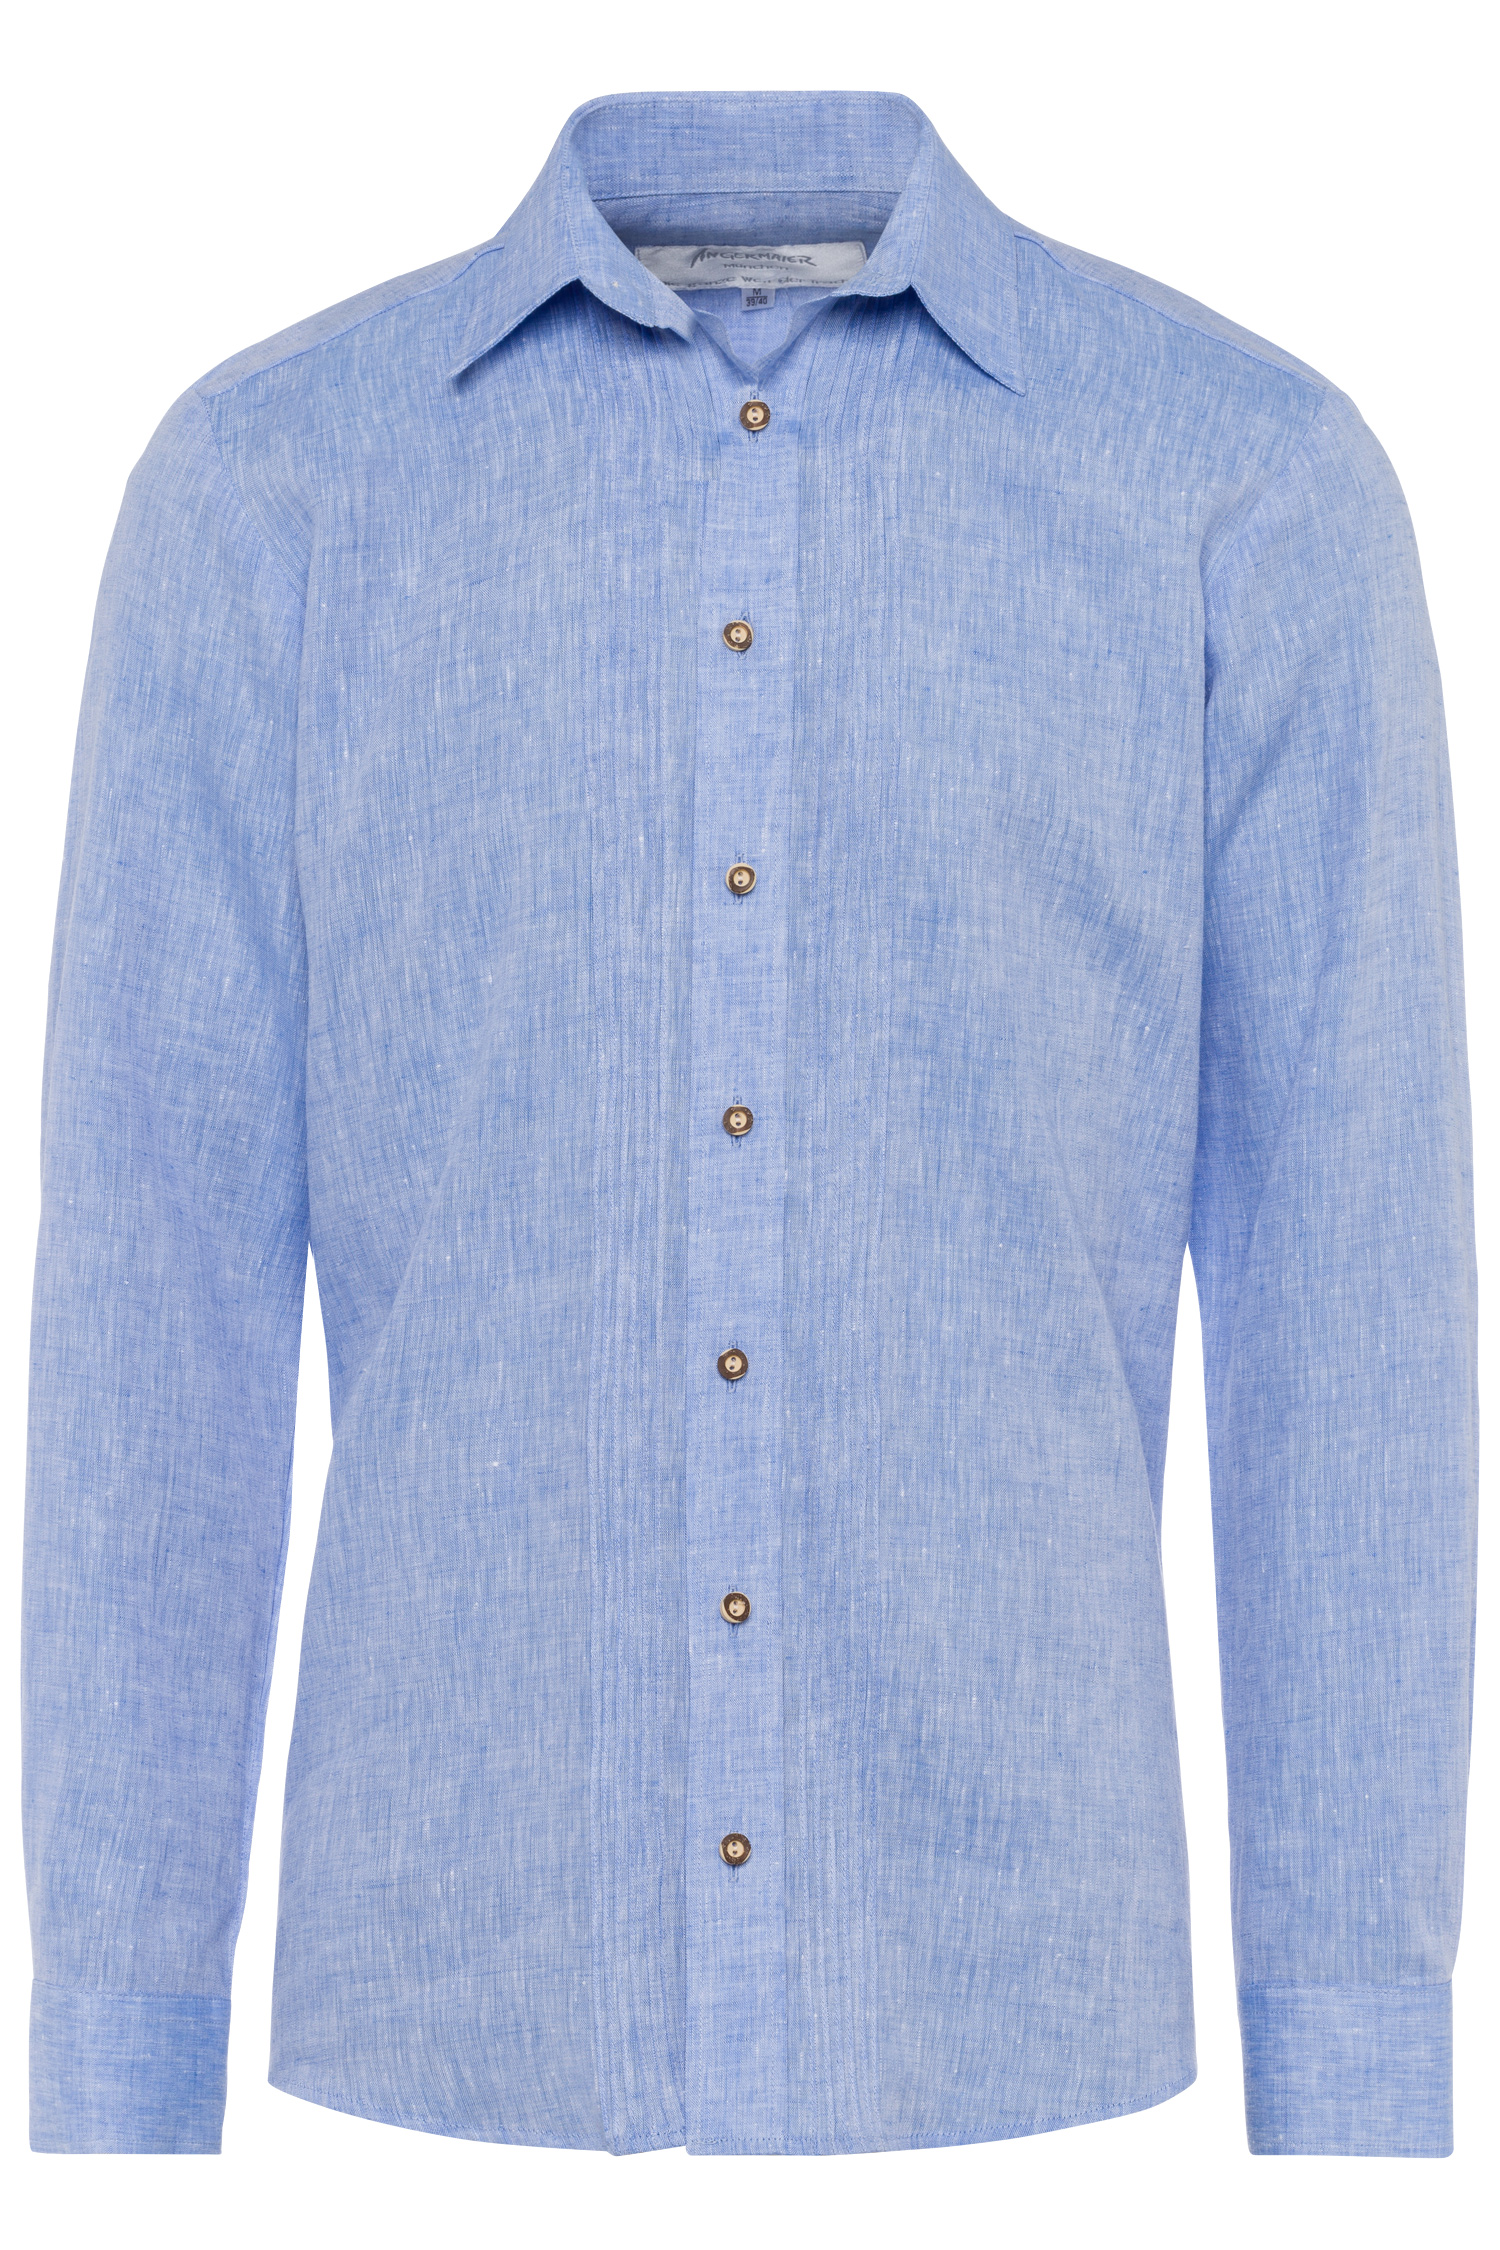 Trachtenhemd Leinen XXL | hellblau 1211